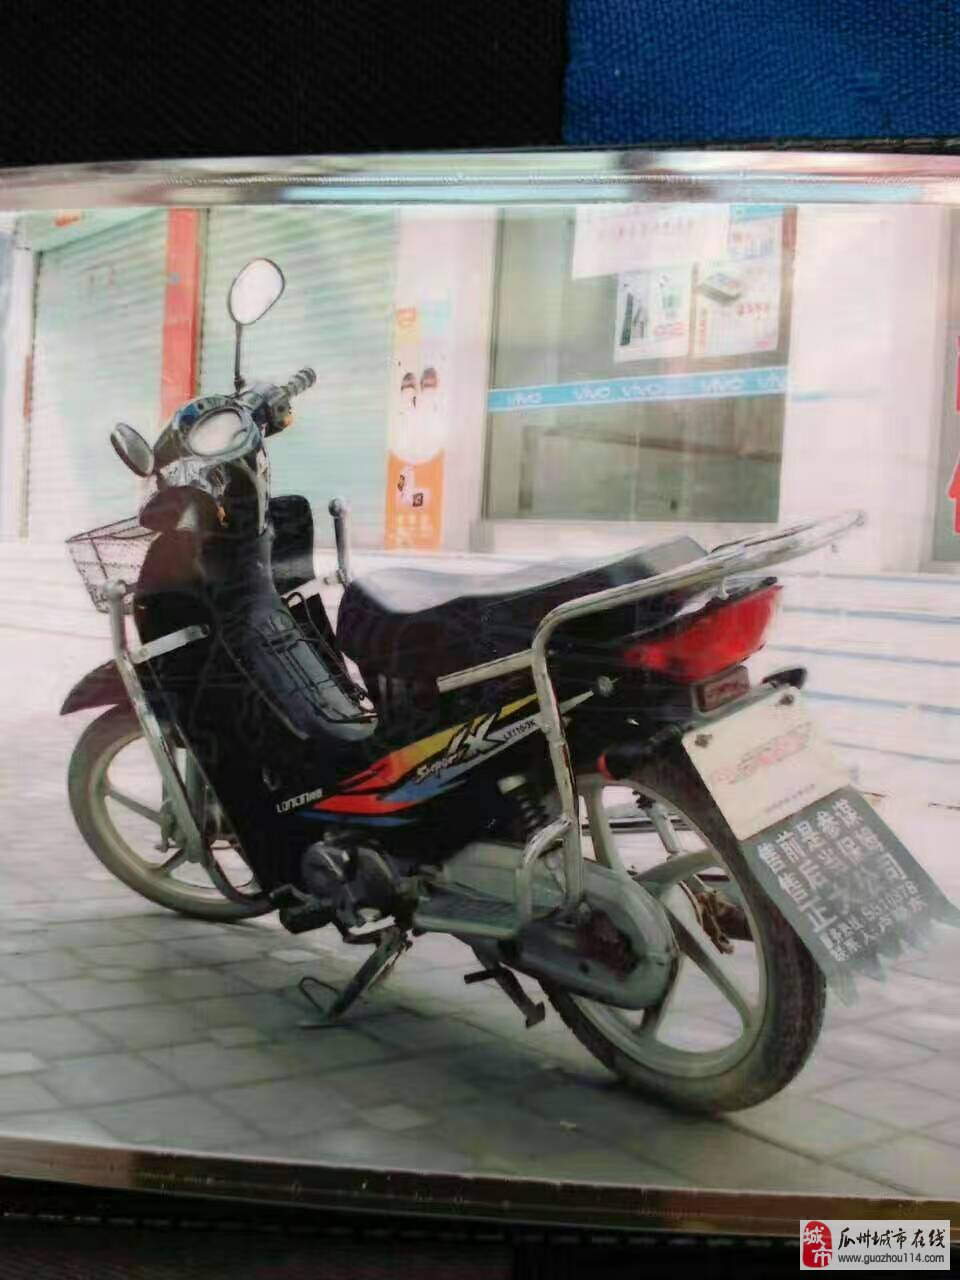 本人有隆鑫牌小摩托出售